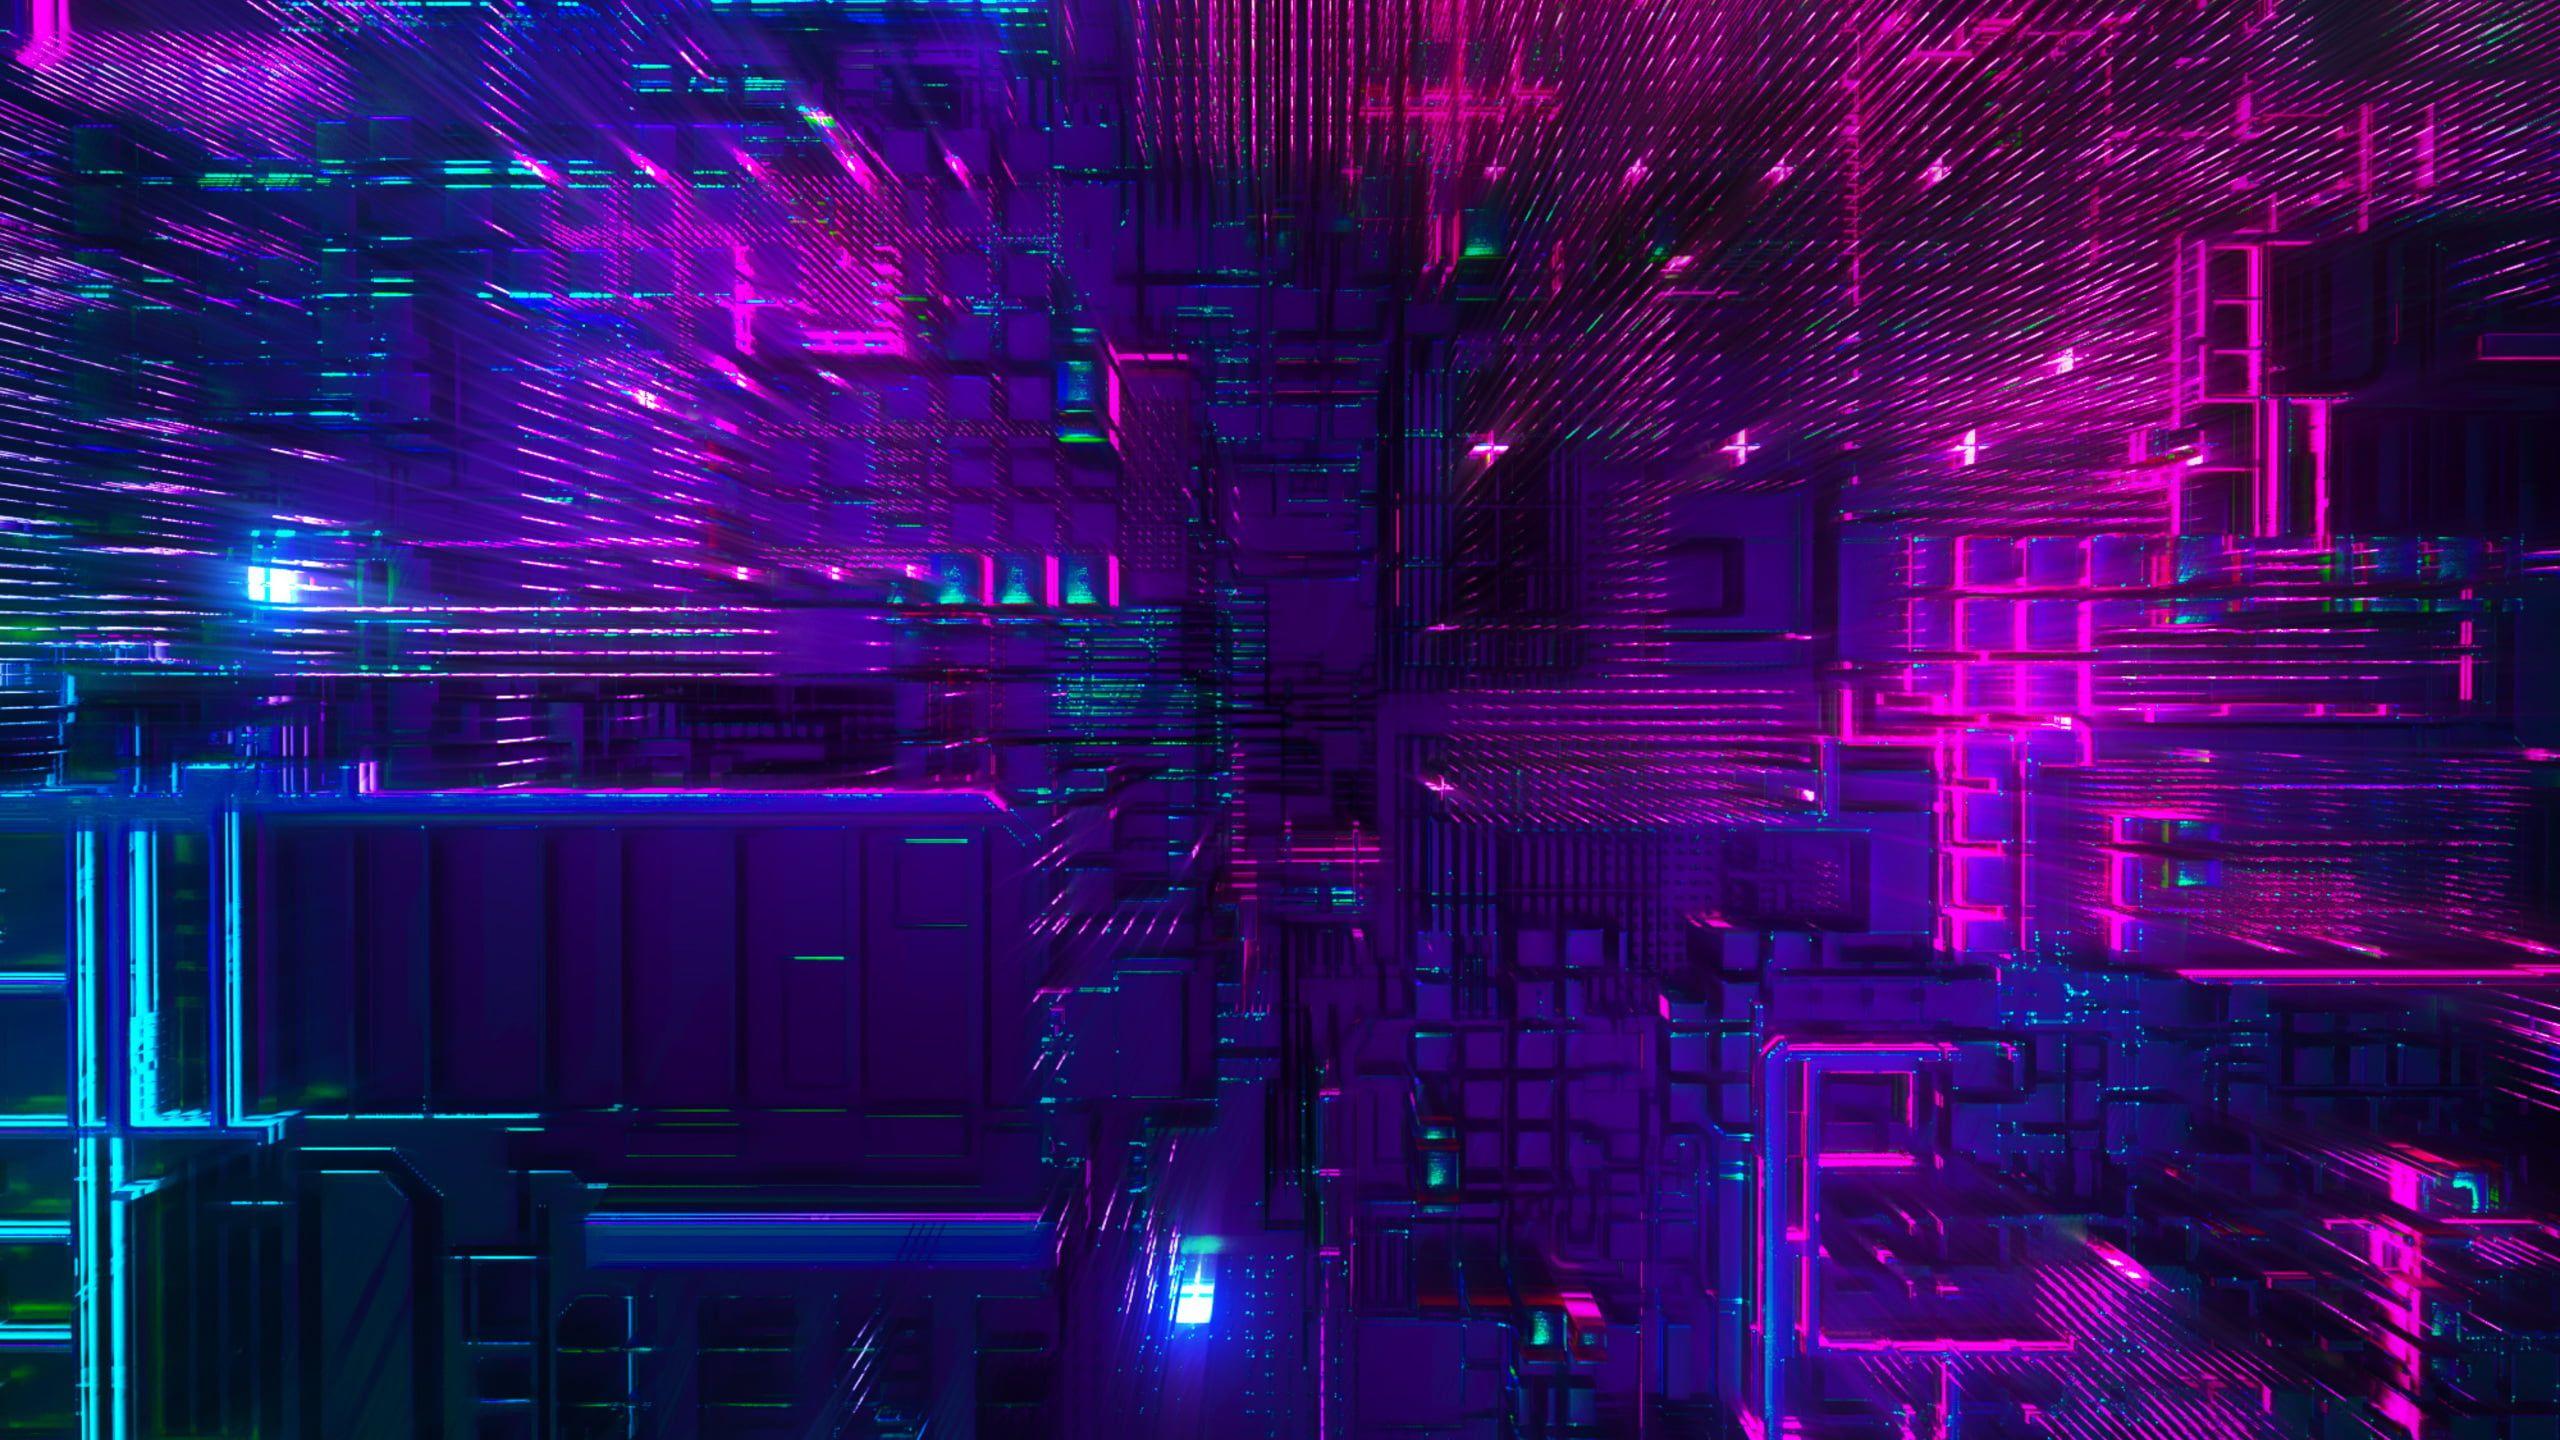 abstract 3D digital art render 2K wallpaper hdwallpaper 2560x1440